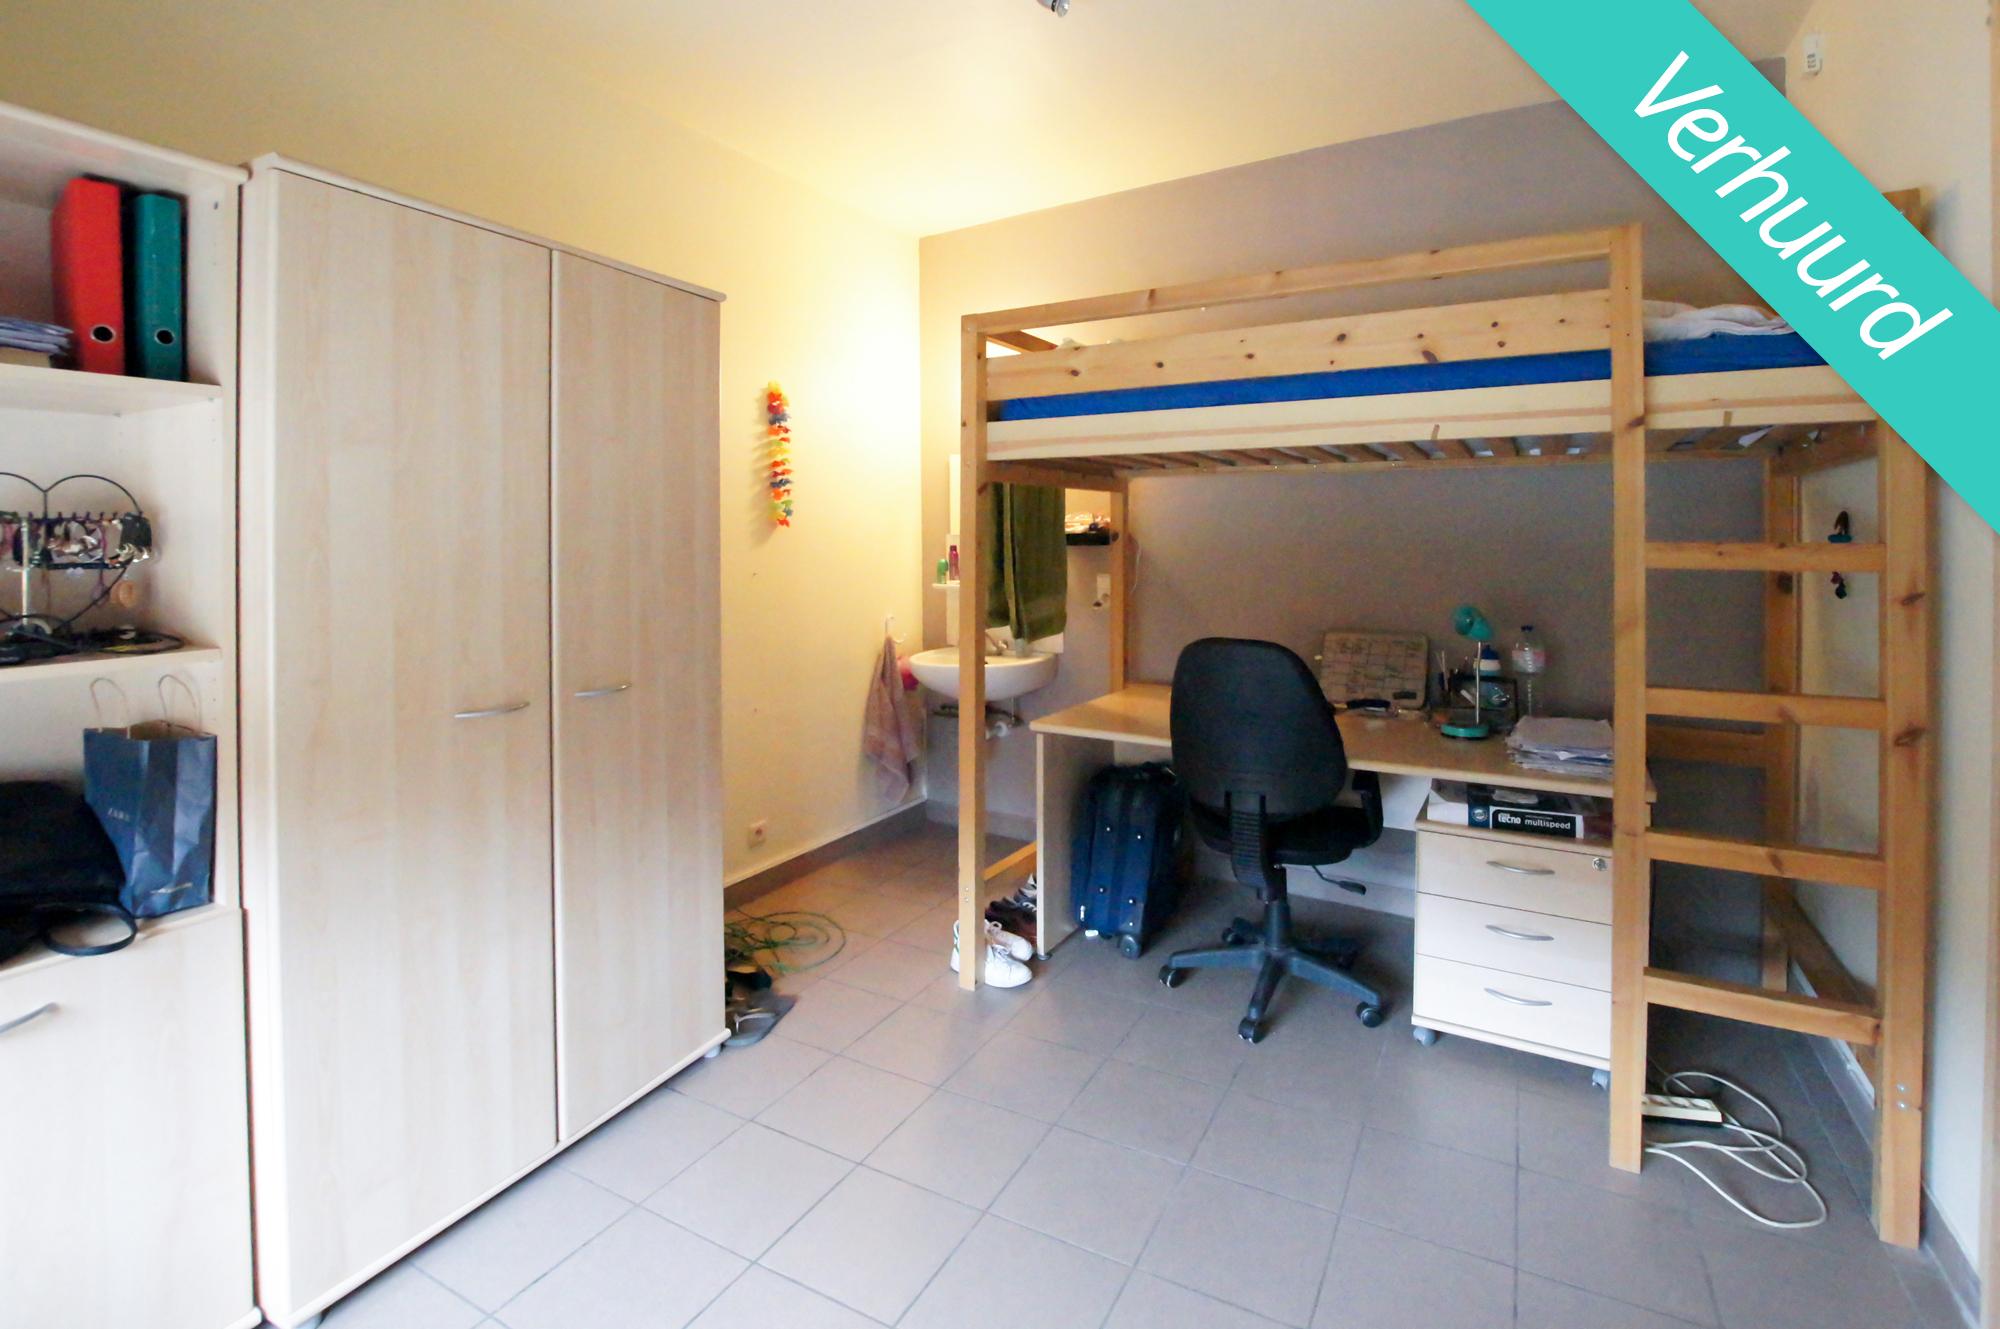 Kamer 1 - Edward van Evenstraat 10-12 - foto 2 verhuurd